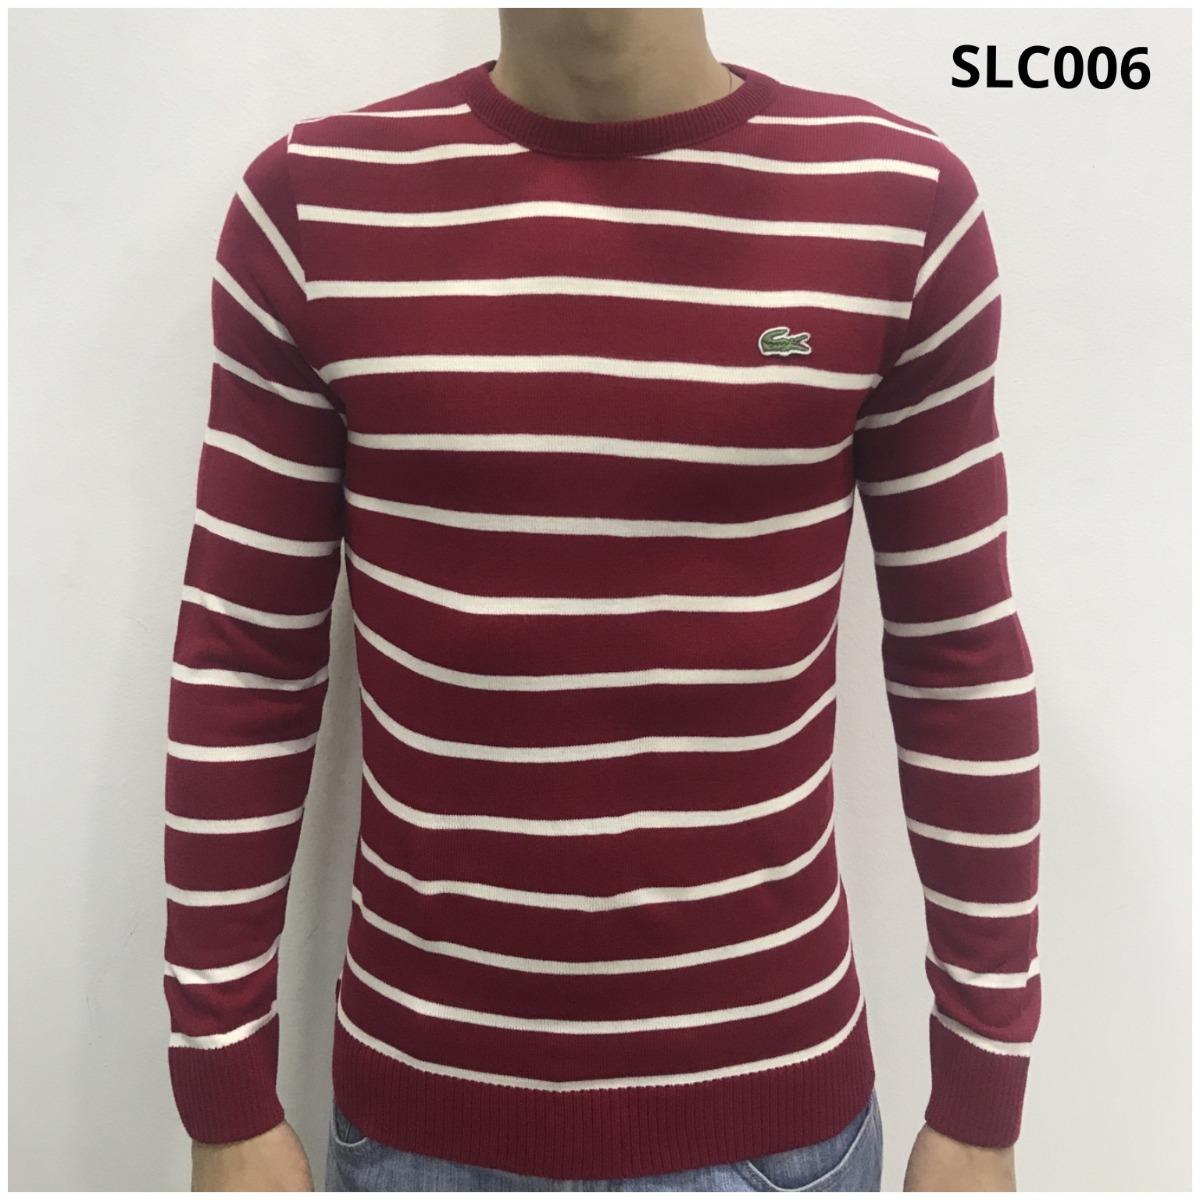 Tricot Lacoste Original   Promoção   Lacoste Original - R  159,00 em ... 1db7ed695a